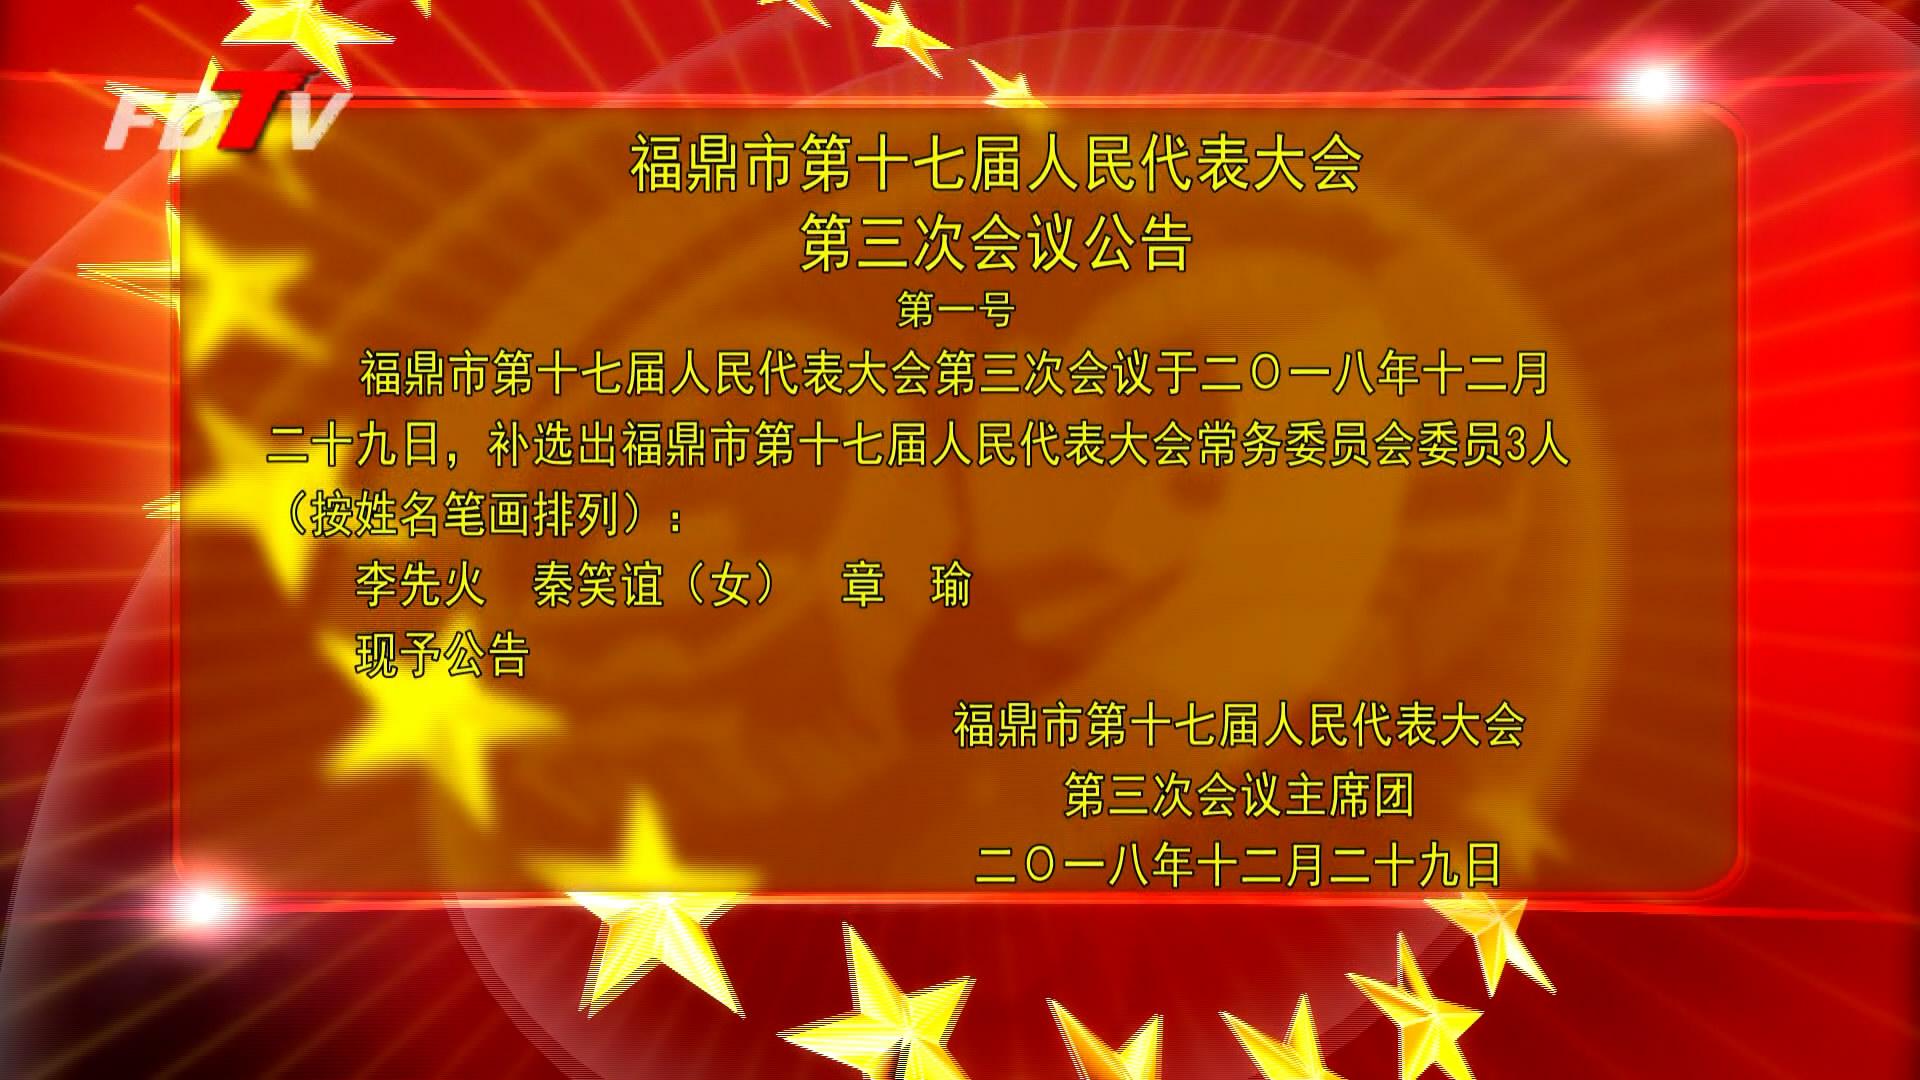 福鼎市第十七届人大第三次集会通告(三个)